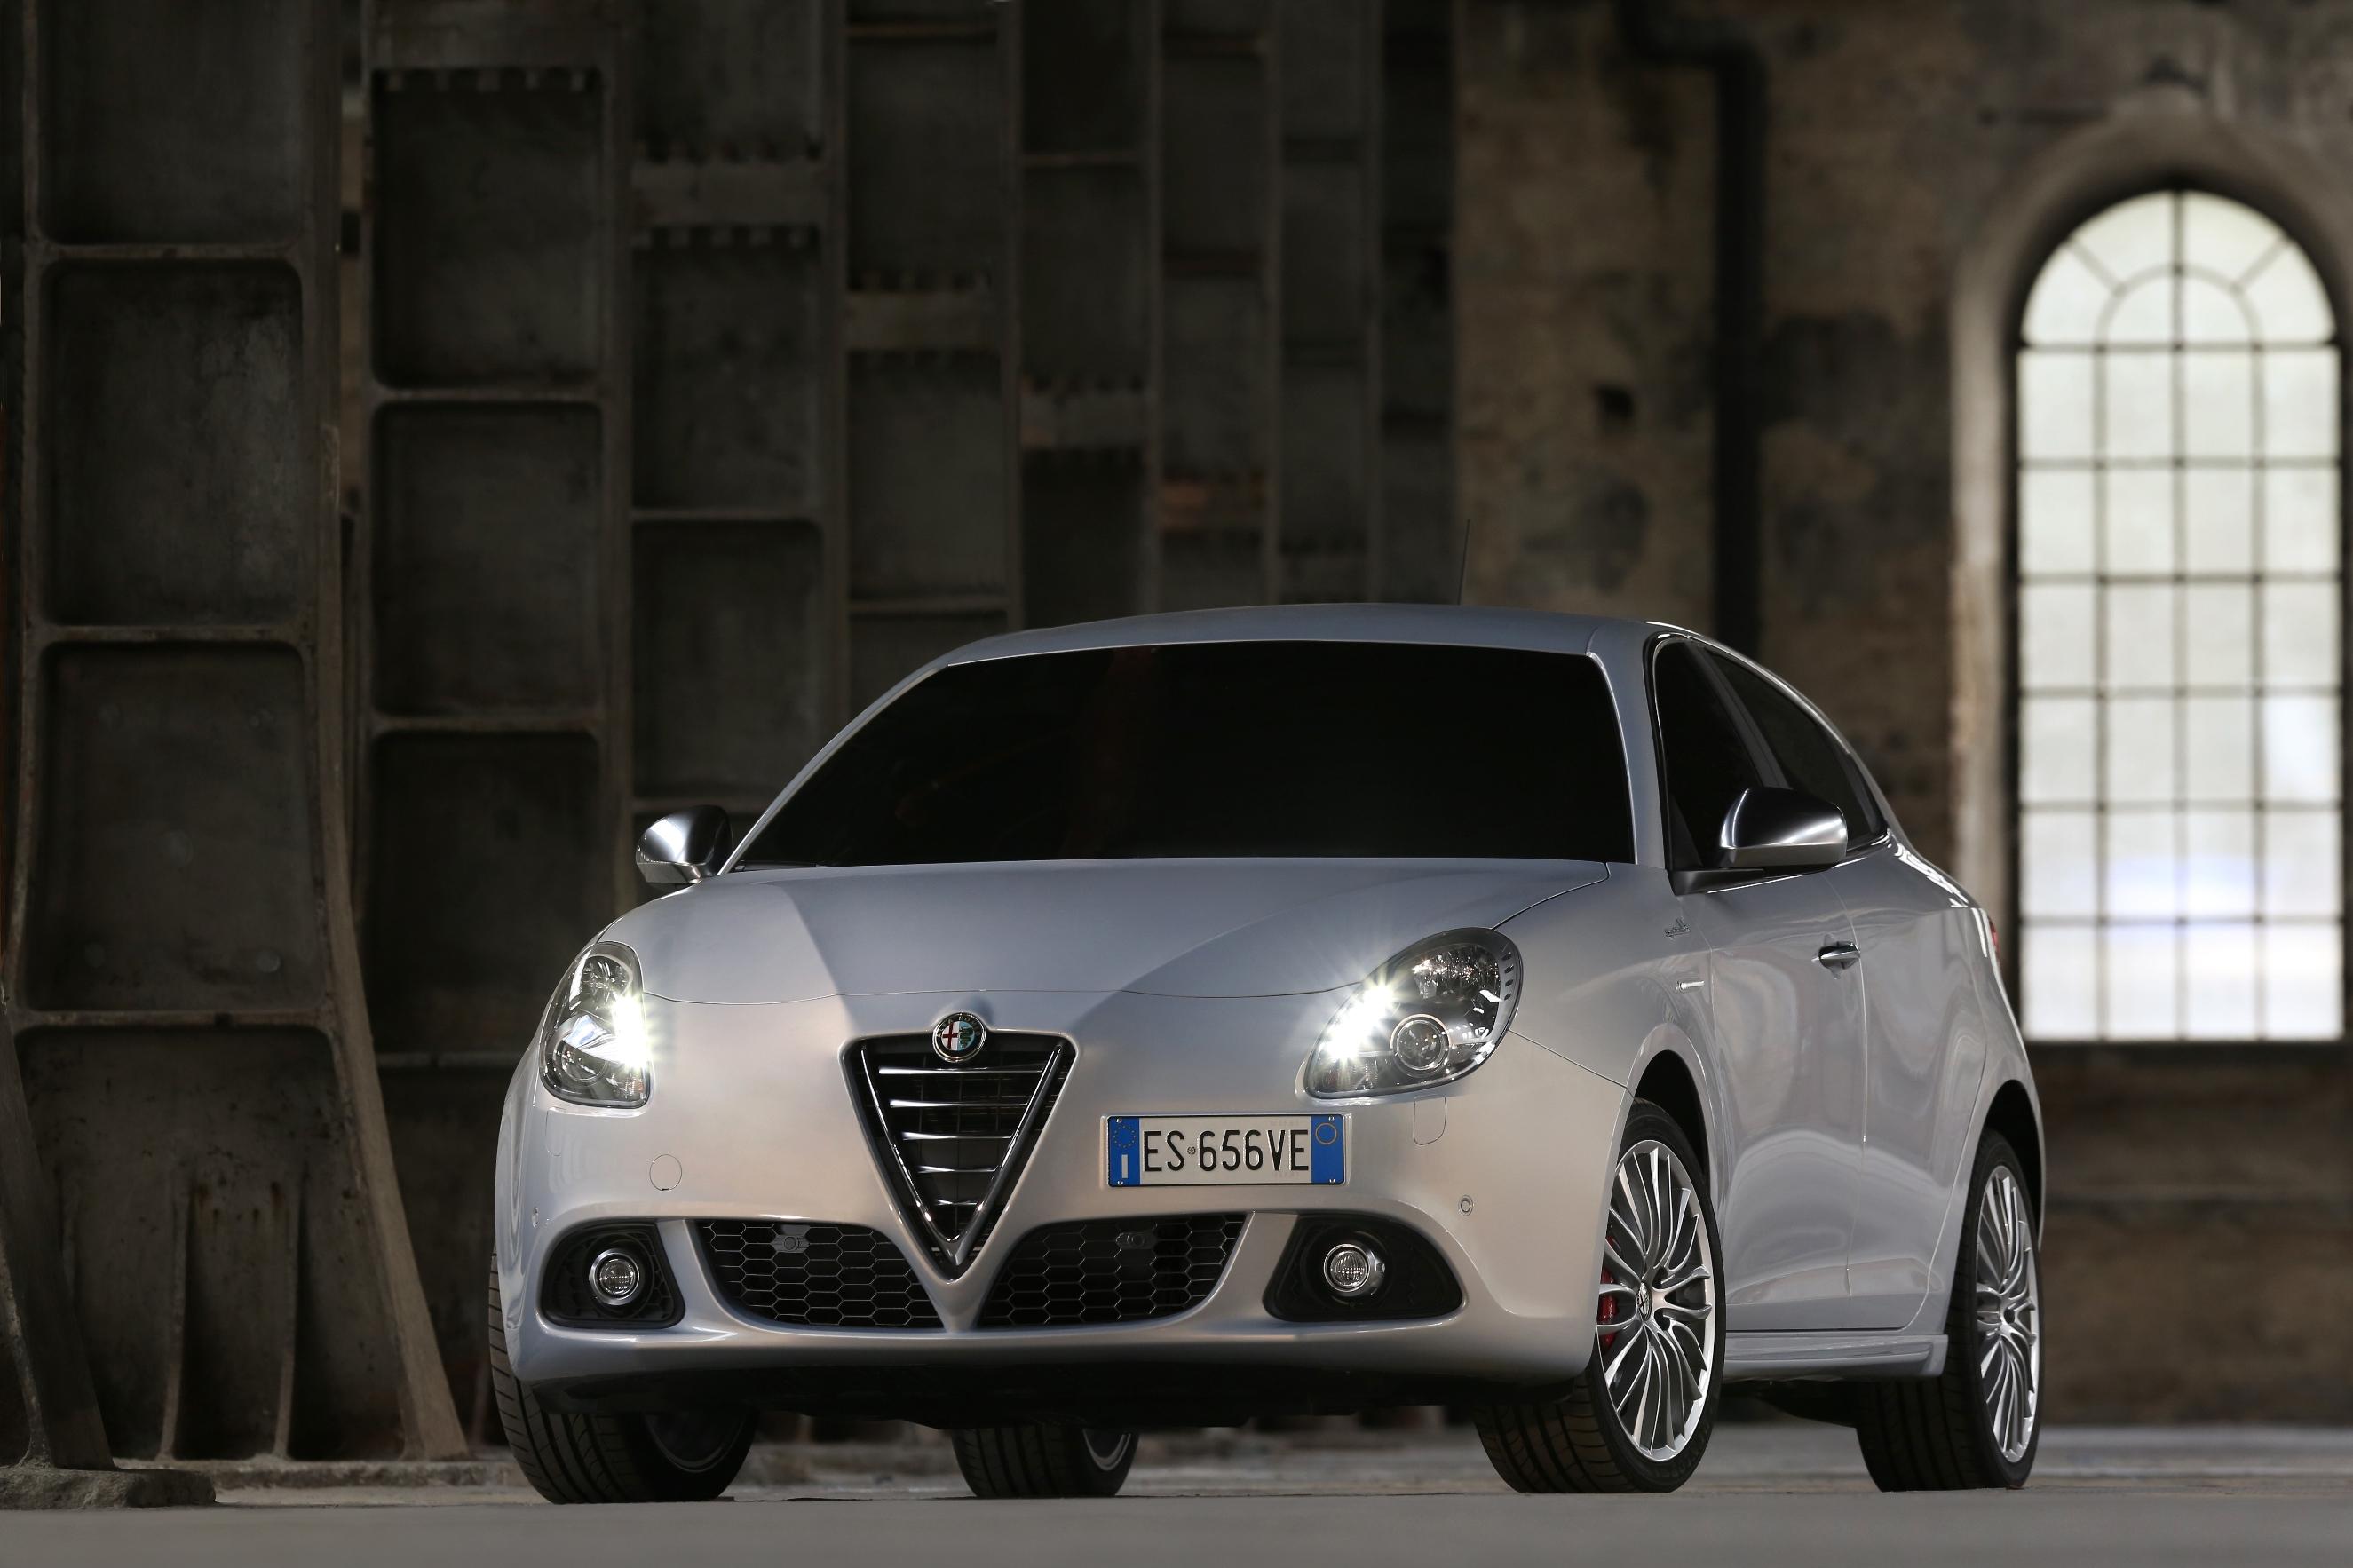 Alfa Romeo'dan Nakit İndirimli Açılır Tavan Hediyeli Yaz Kampanyası!